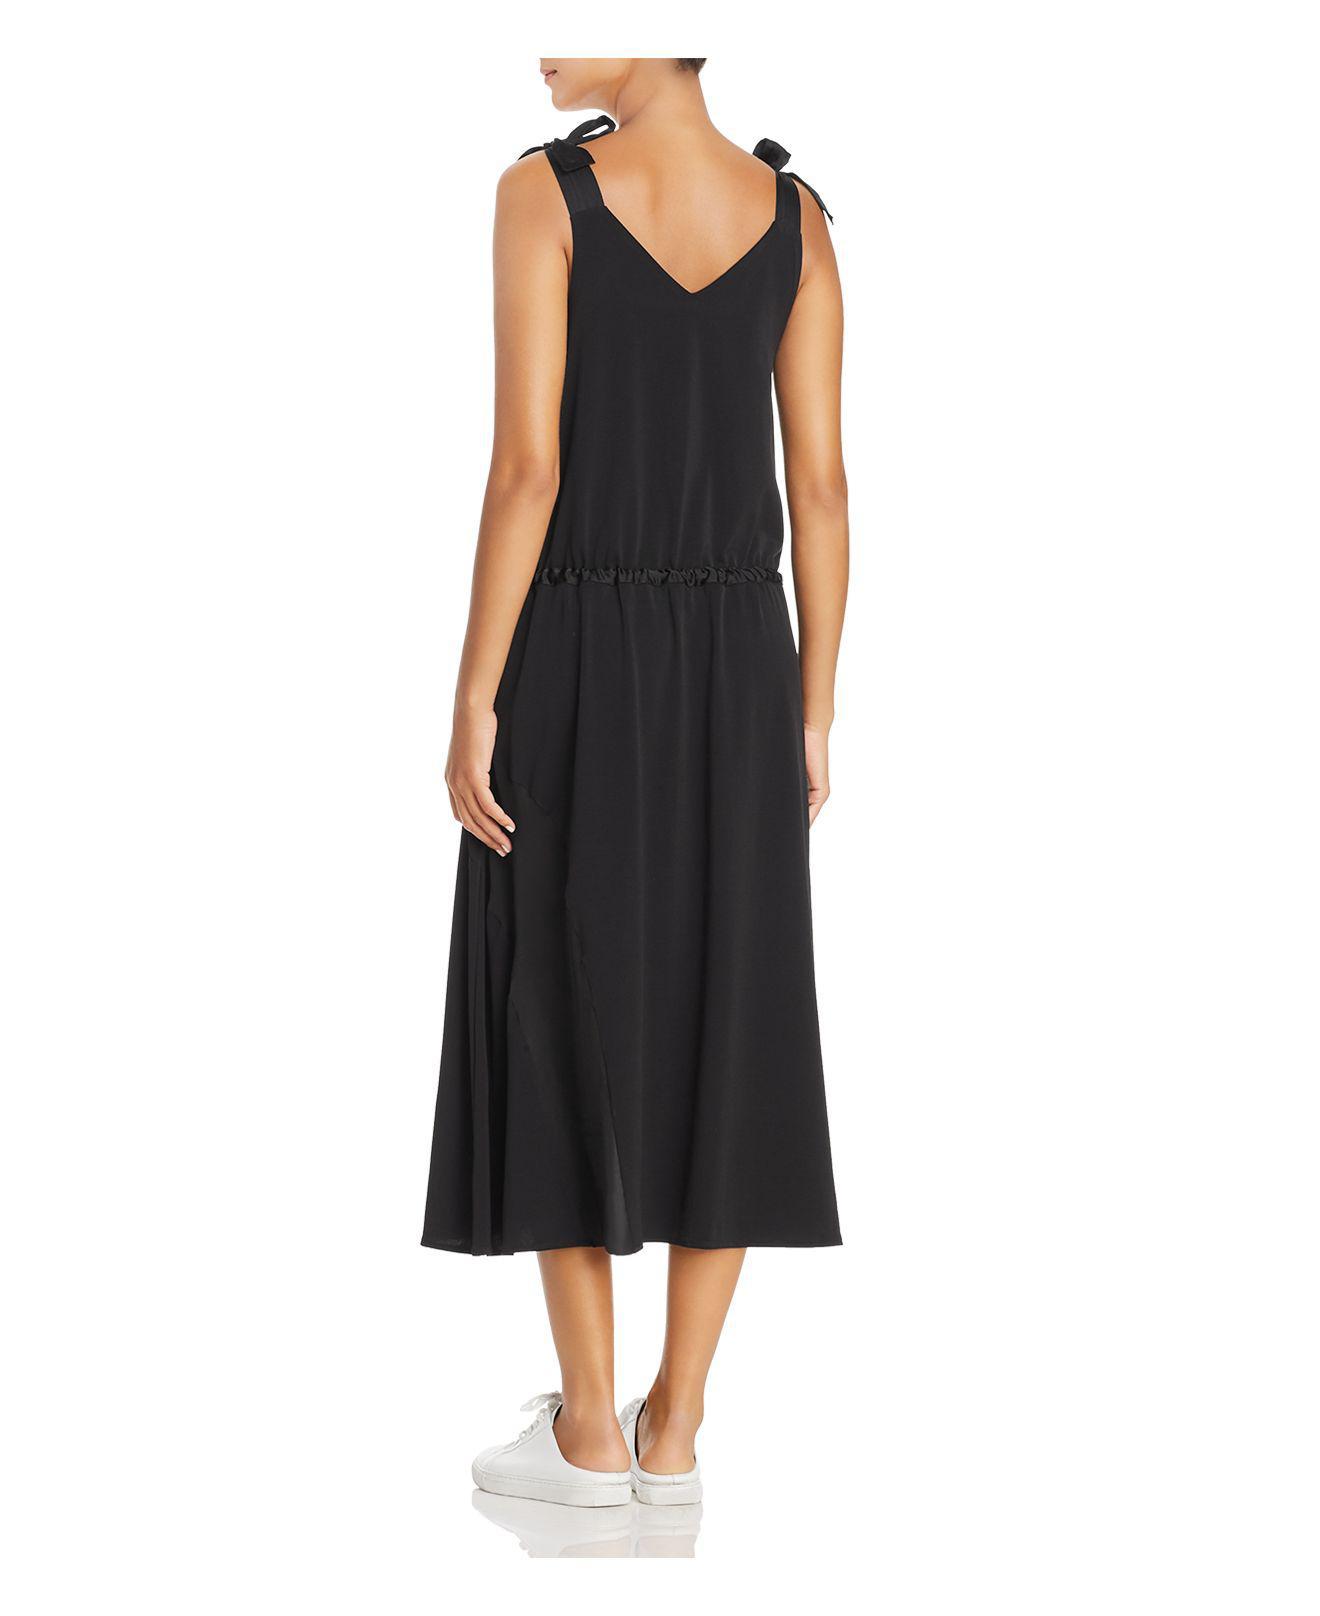 V-Neck Shoulder Tie Tank Dress Kenneth Cole tfOws